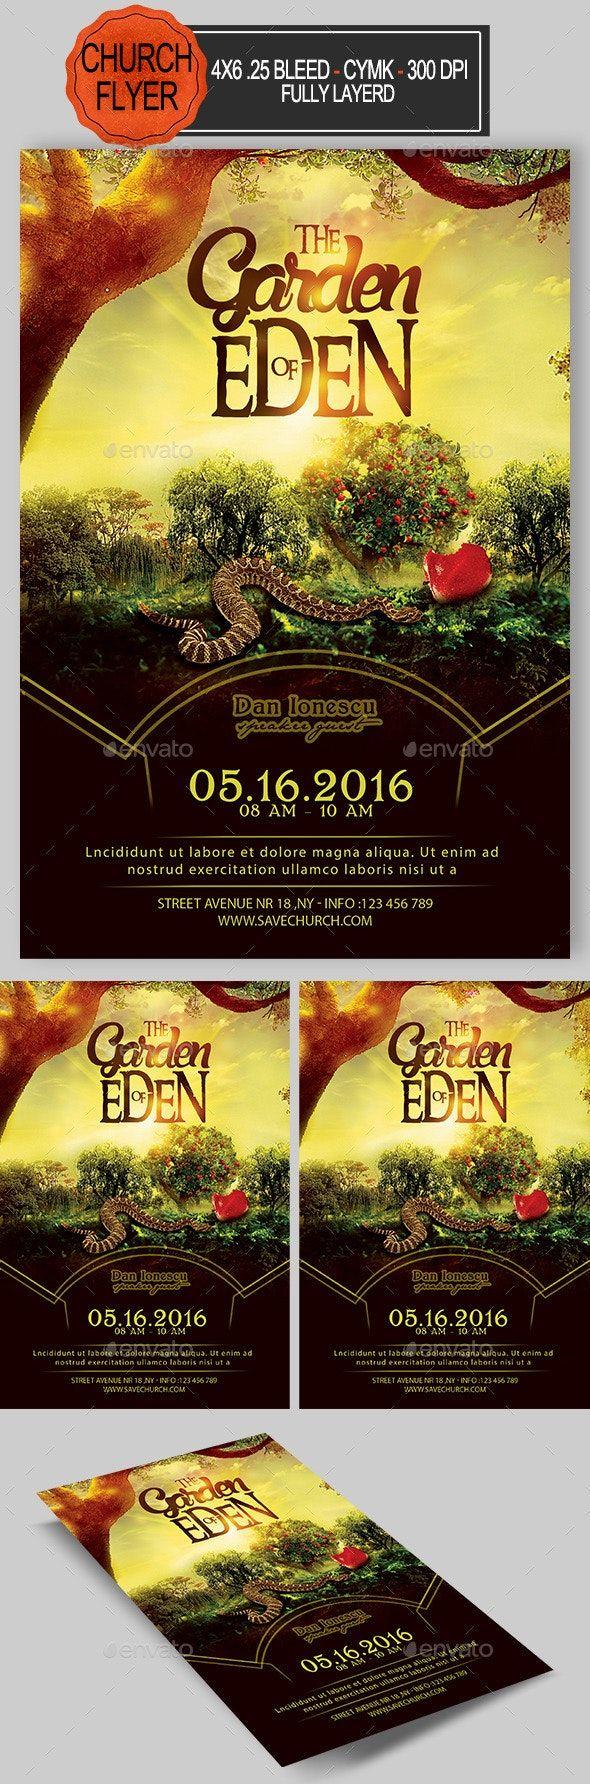 The Garden Of Eden Church Flyer Ad Eden Aff Garden Flyer Church Flyer Garden Of Eden Concert Flyer